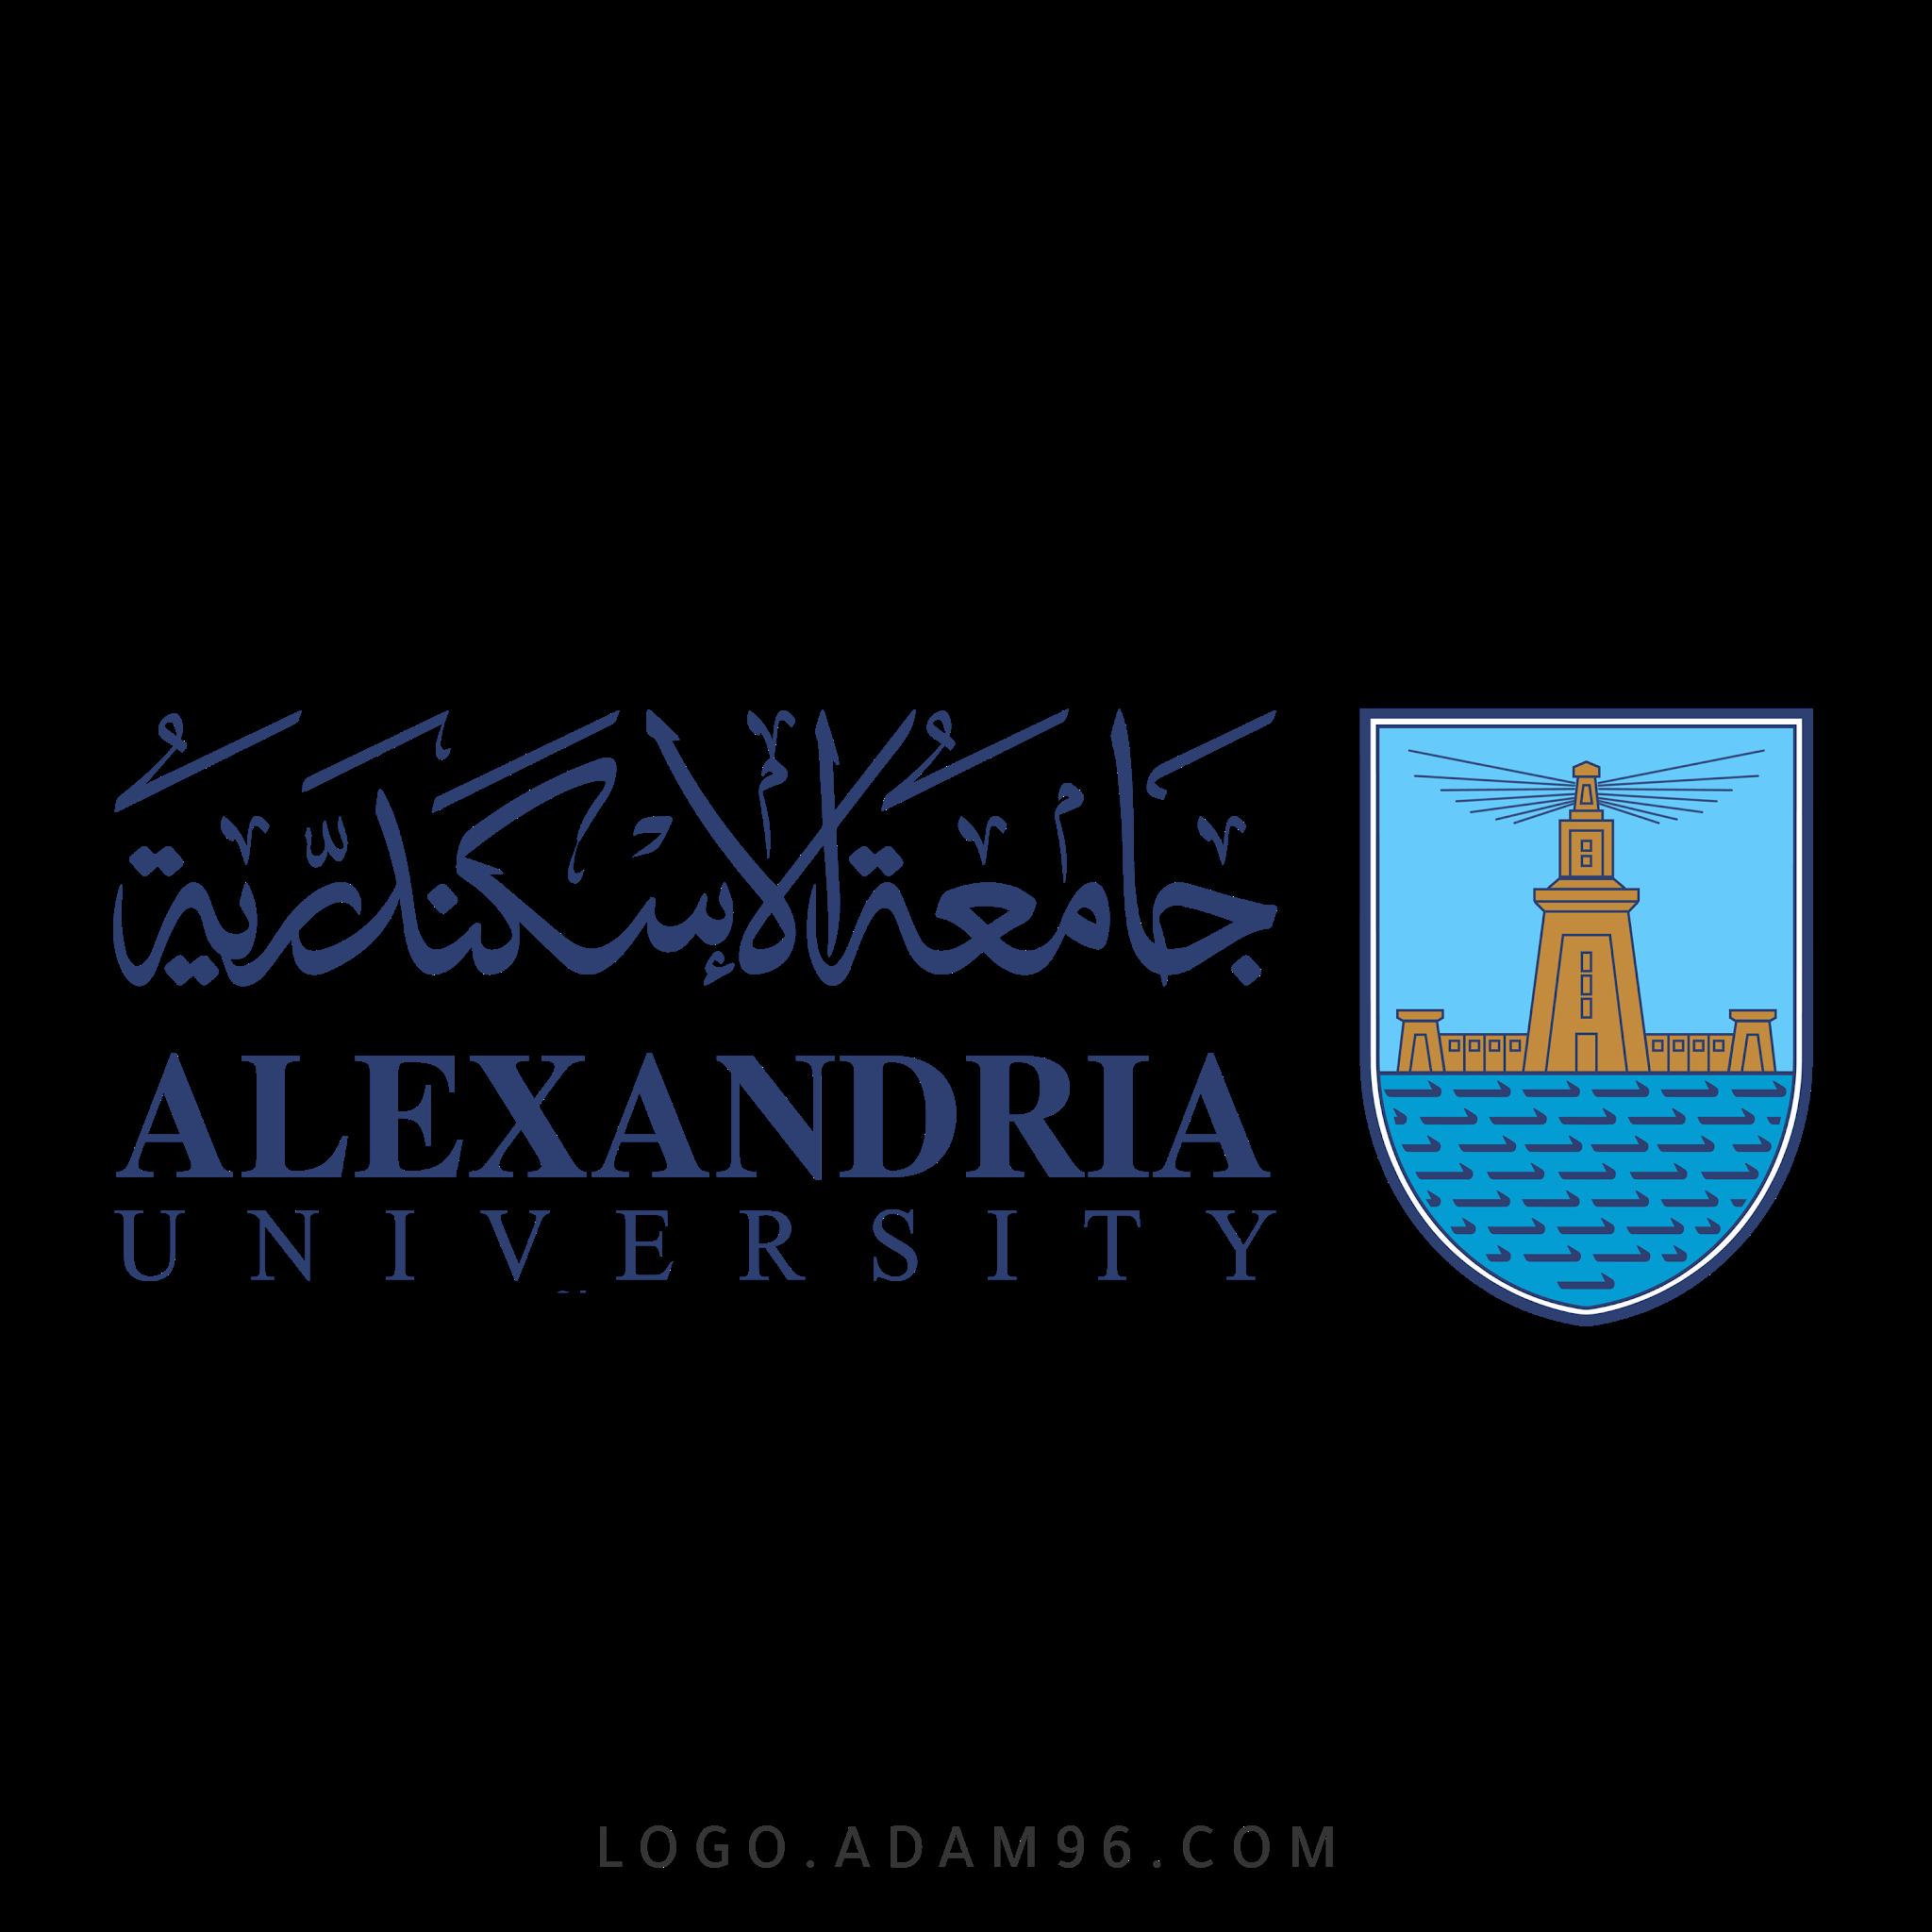 تحميل شعار جامعة الإسكندرية لوجو رسمي عالي الدقة بصيغة شفافة PNG